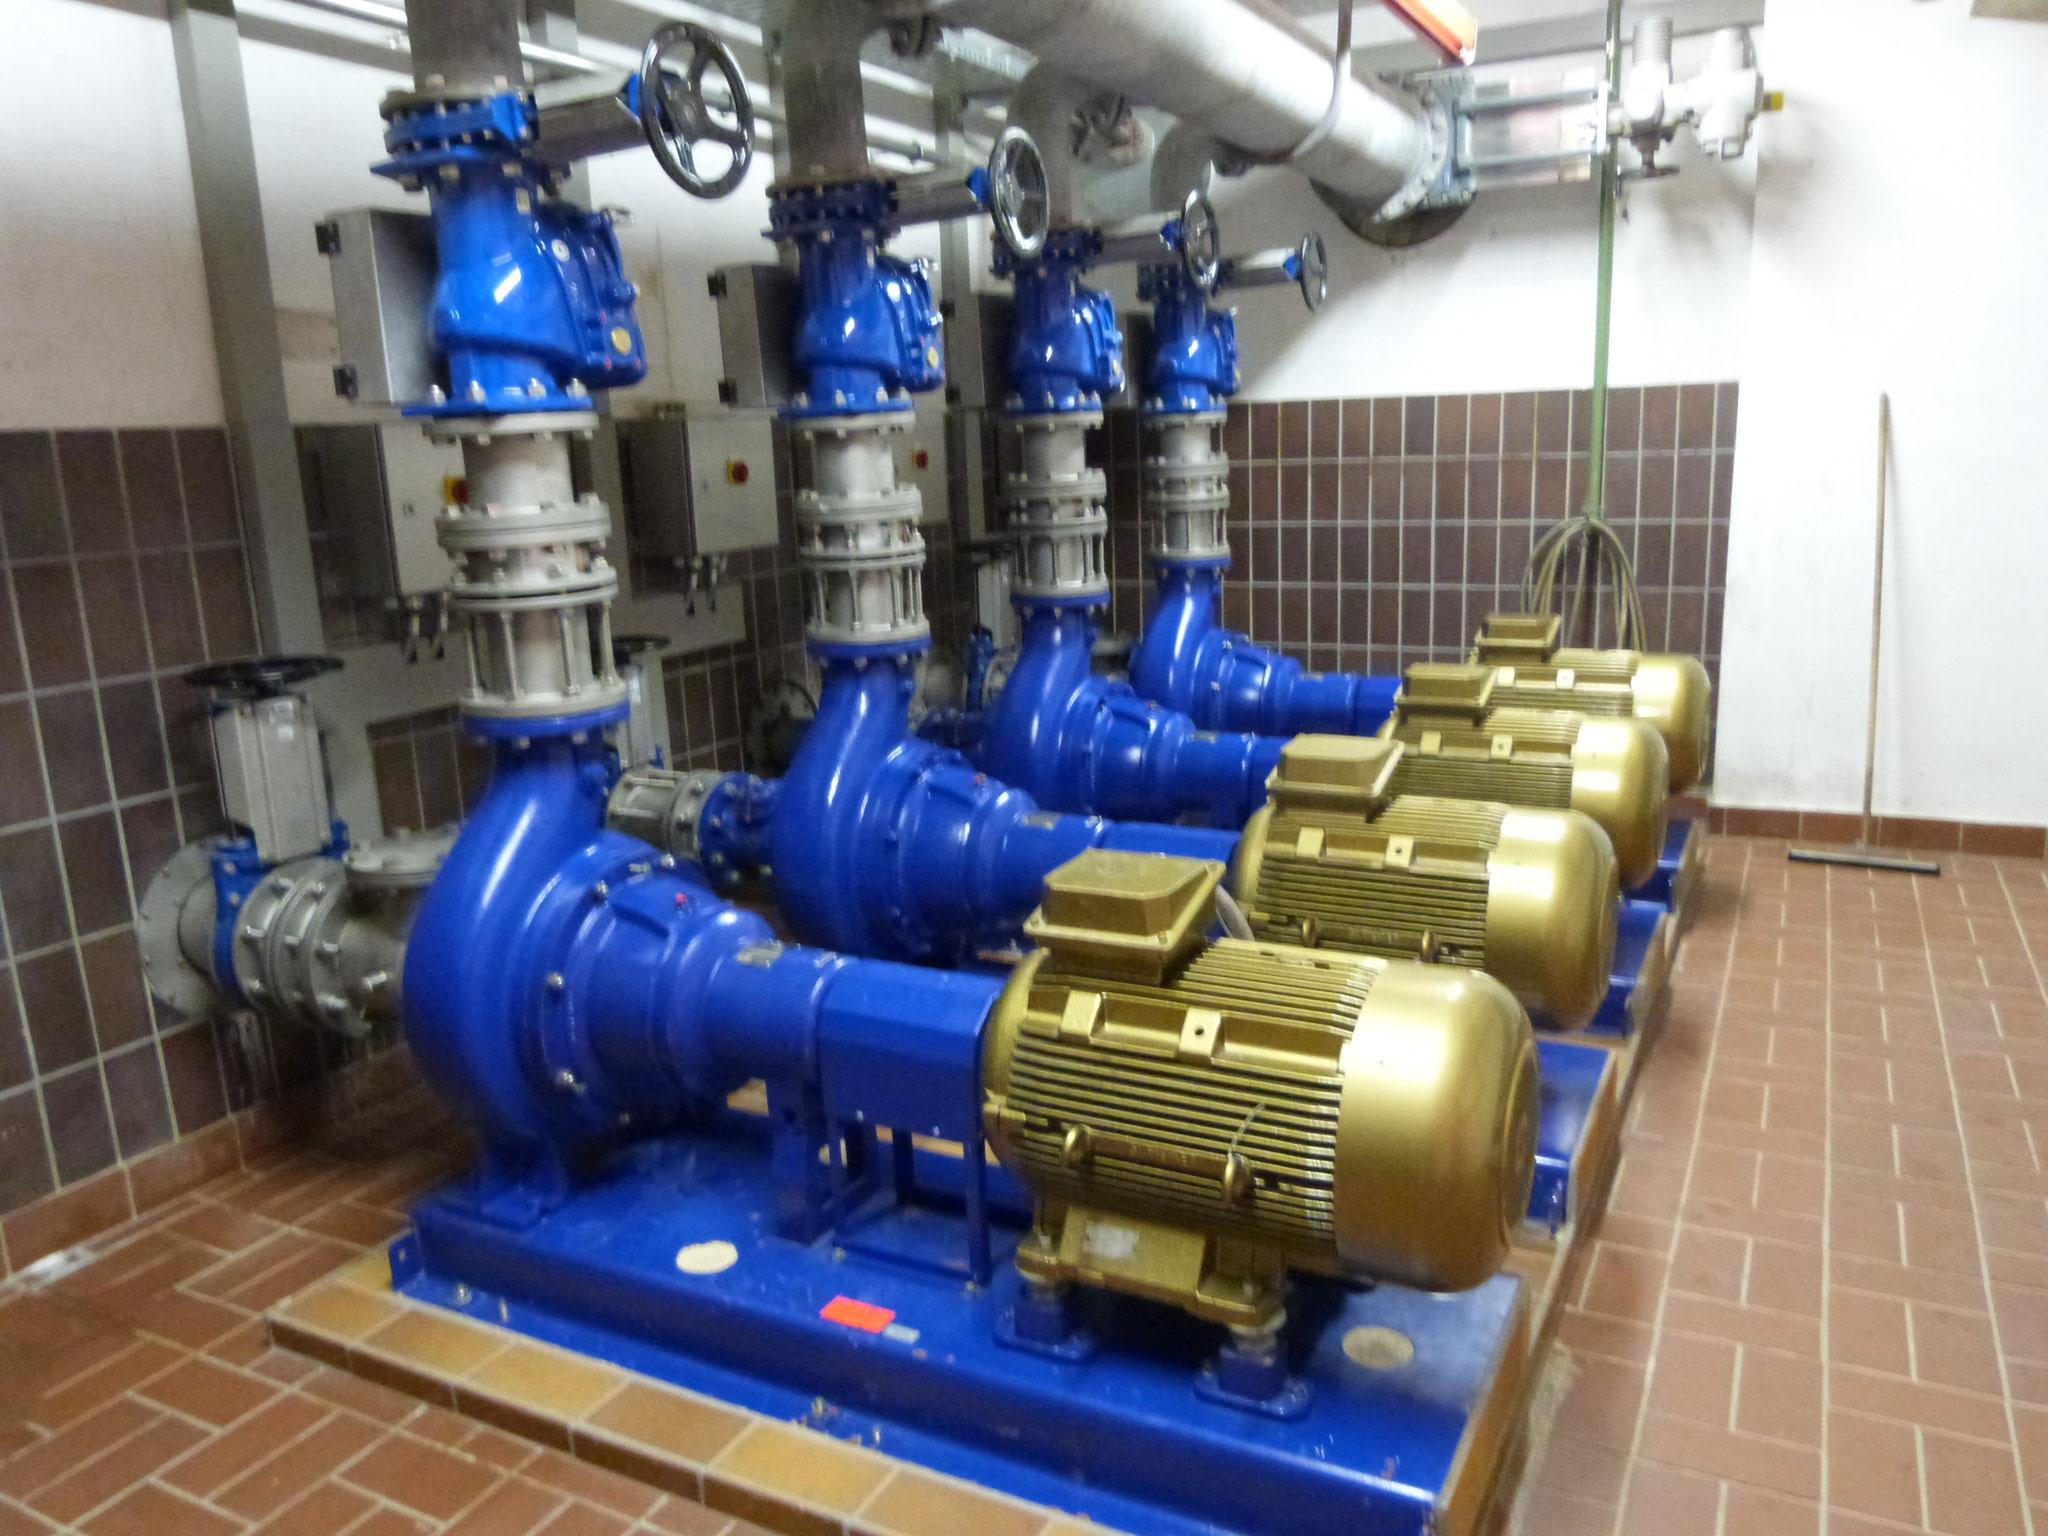 Abwasserpumpwerk mit IE4 Synchron-Reluktanz-Motoren